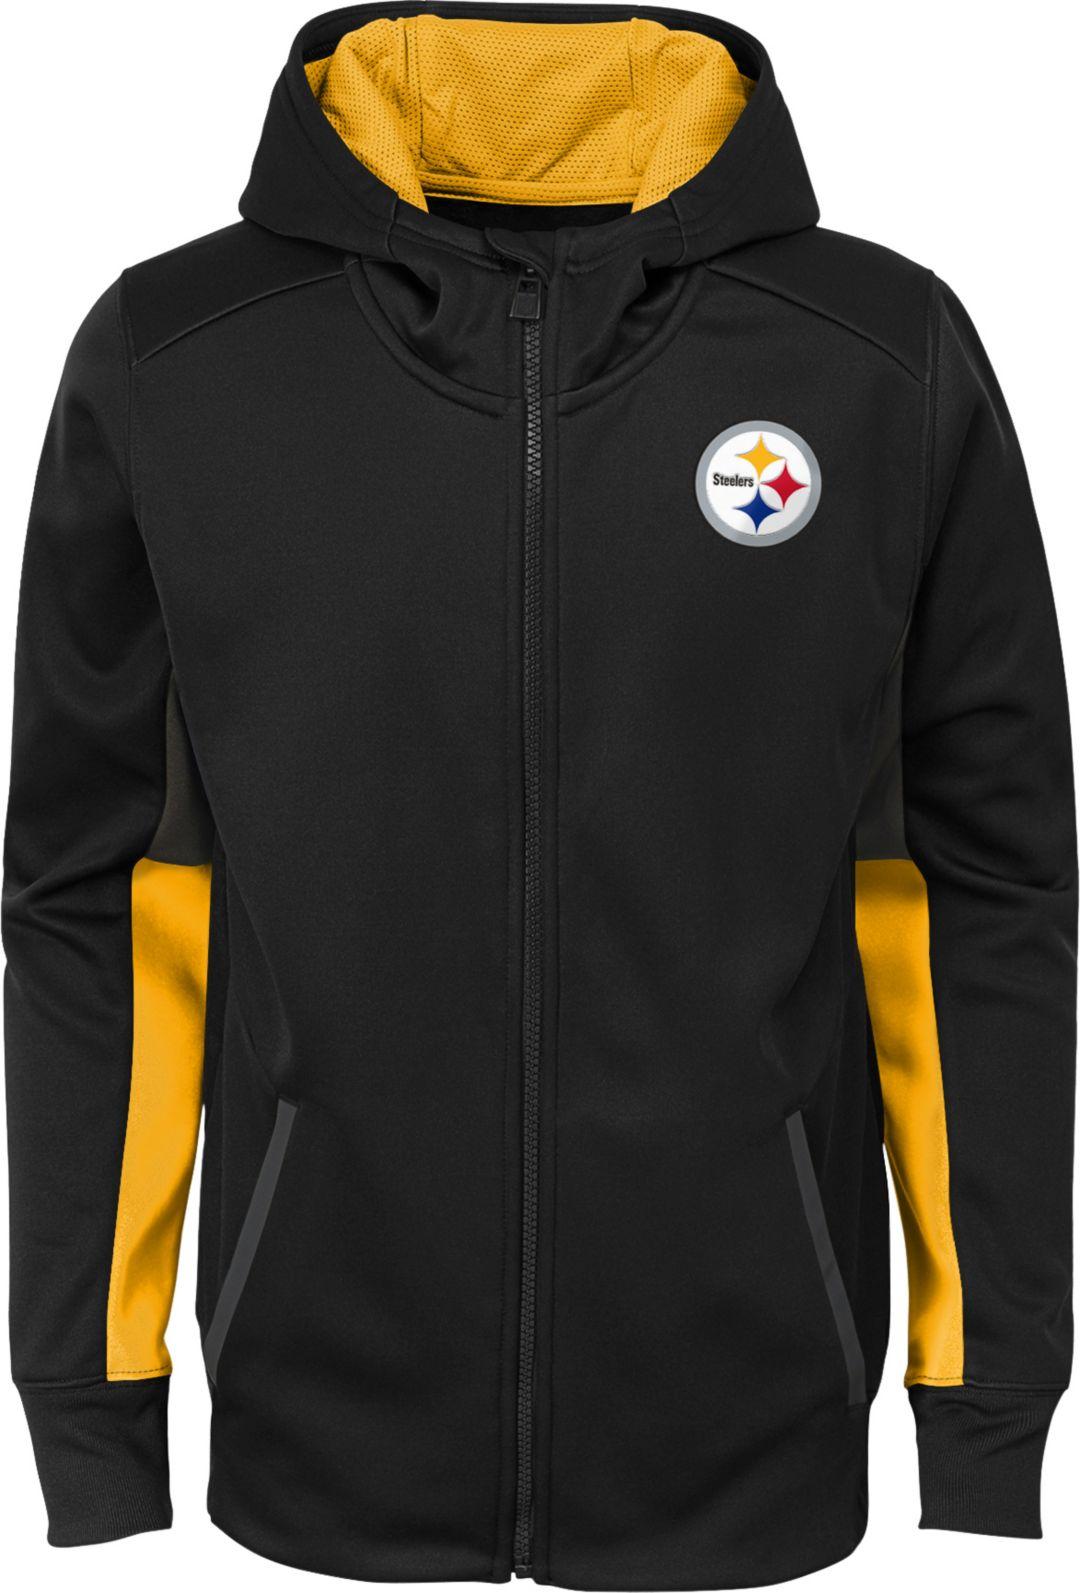 best sneakers 9401d 45d3a NFL Team Apparel Youth Pittsburgh Steelers Performance Black Full-Zip Hoodie